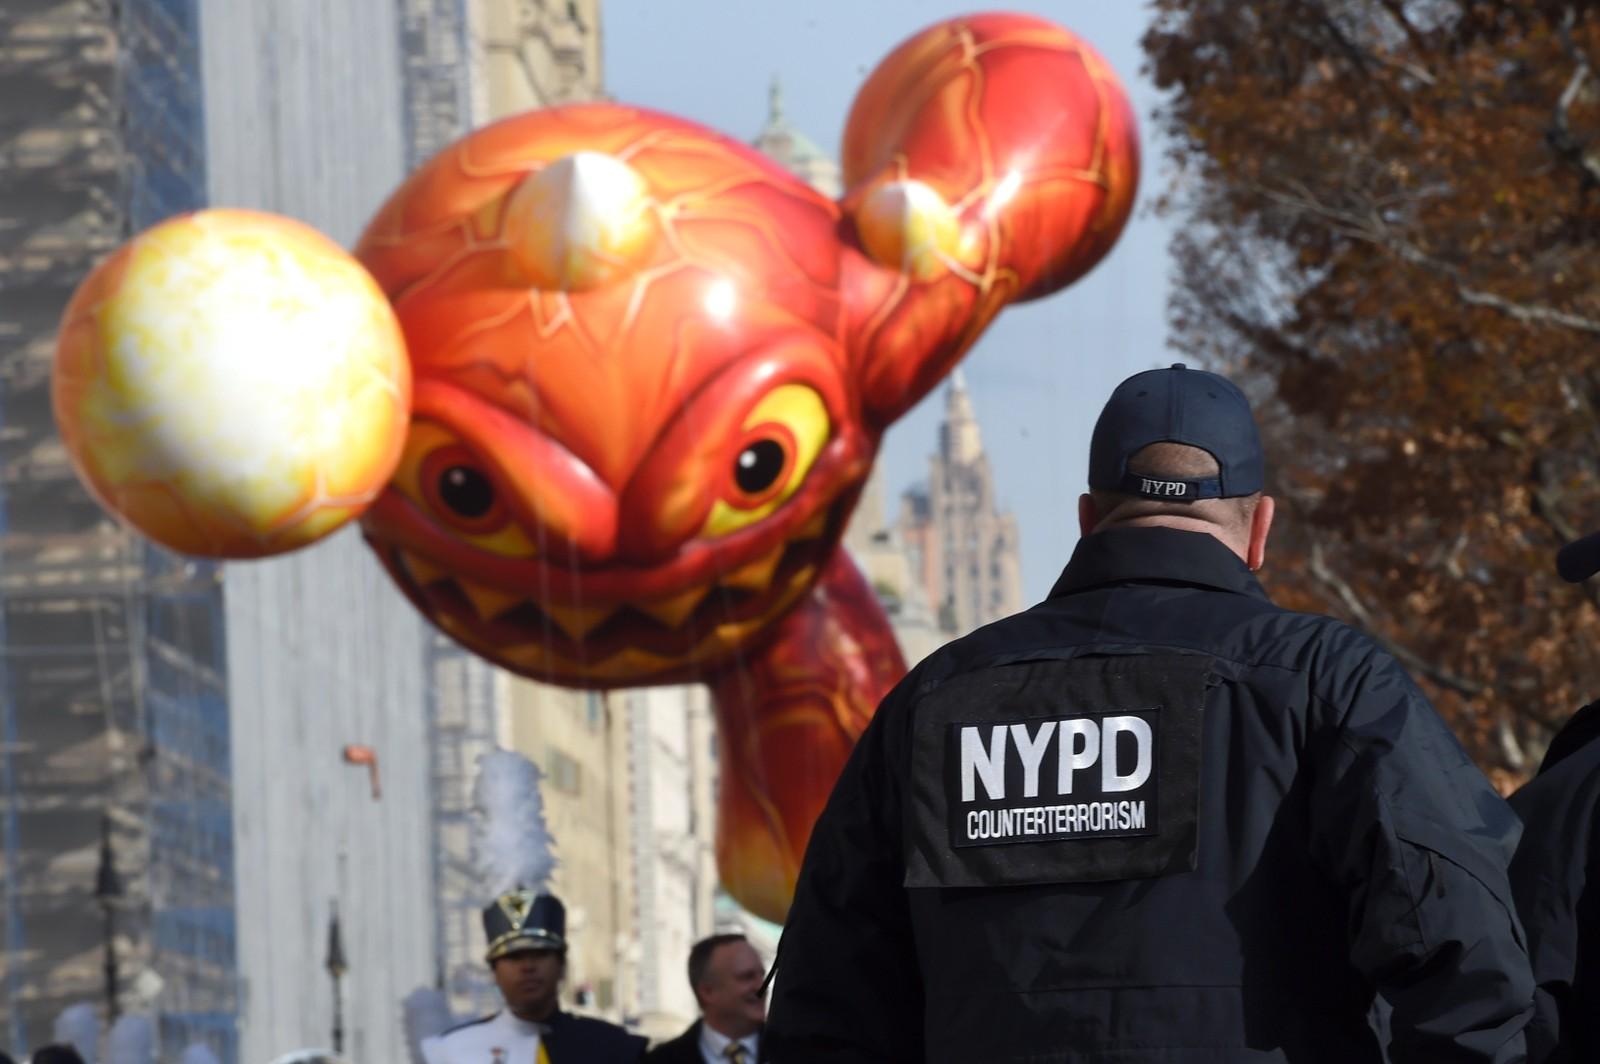 Ekstra mye antiterror-politi var tilstede for å passe på da den 89. Macys Thanksgiving Day Parade gikk av stabelen i New York torsdag.